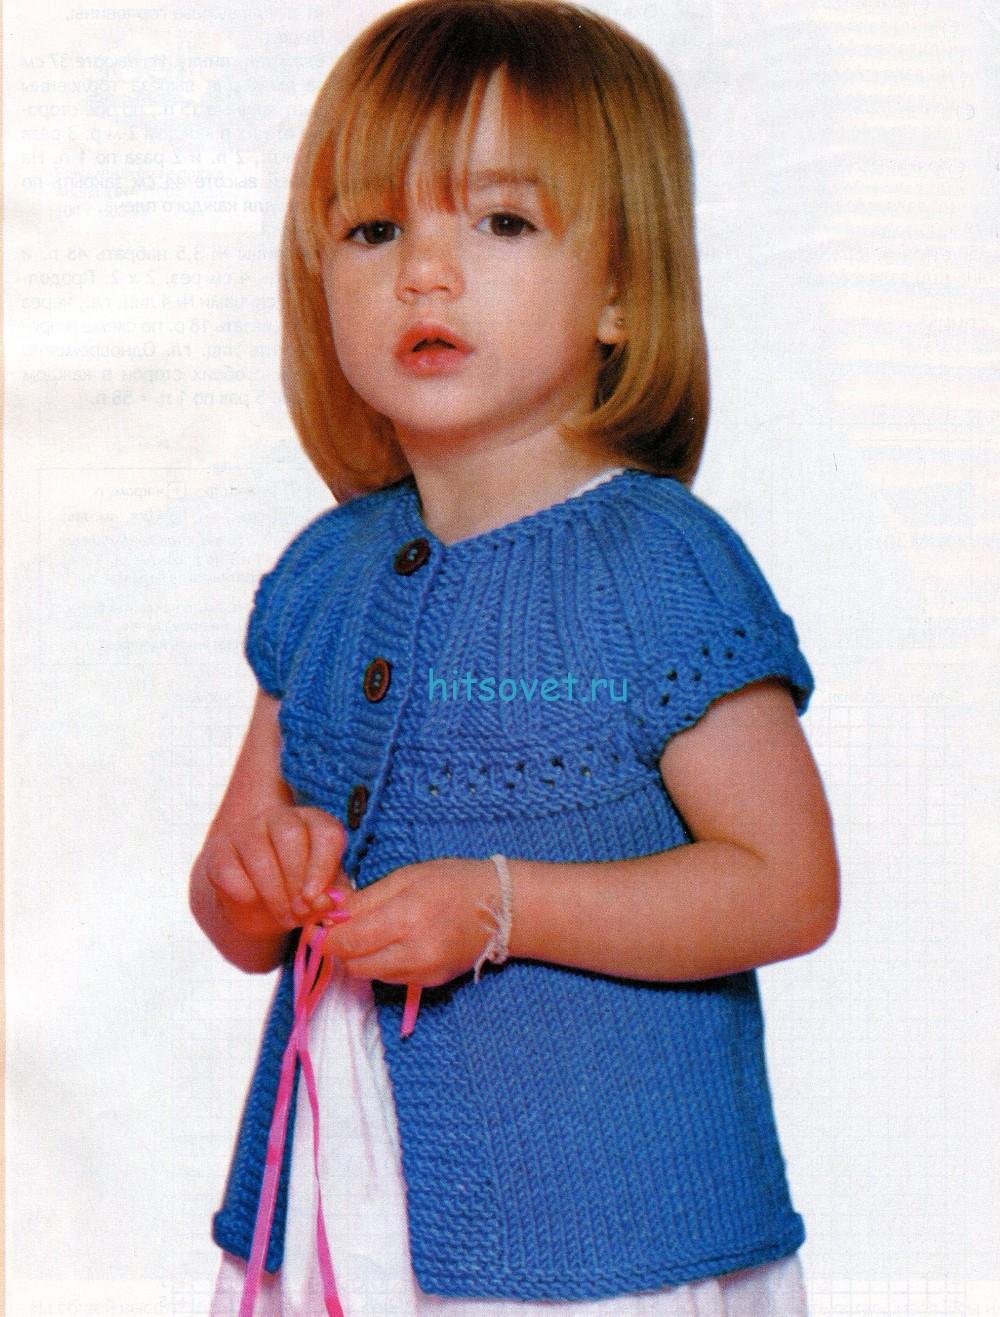 Вязание для девочек синей кофточки